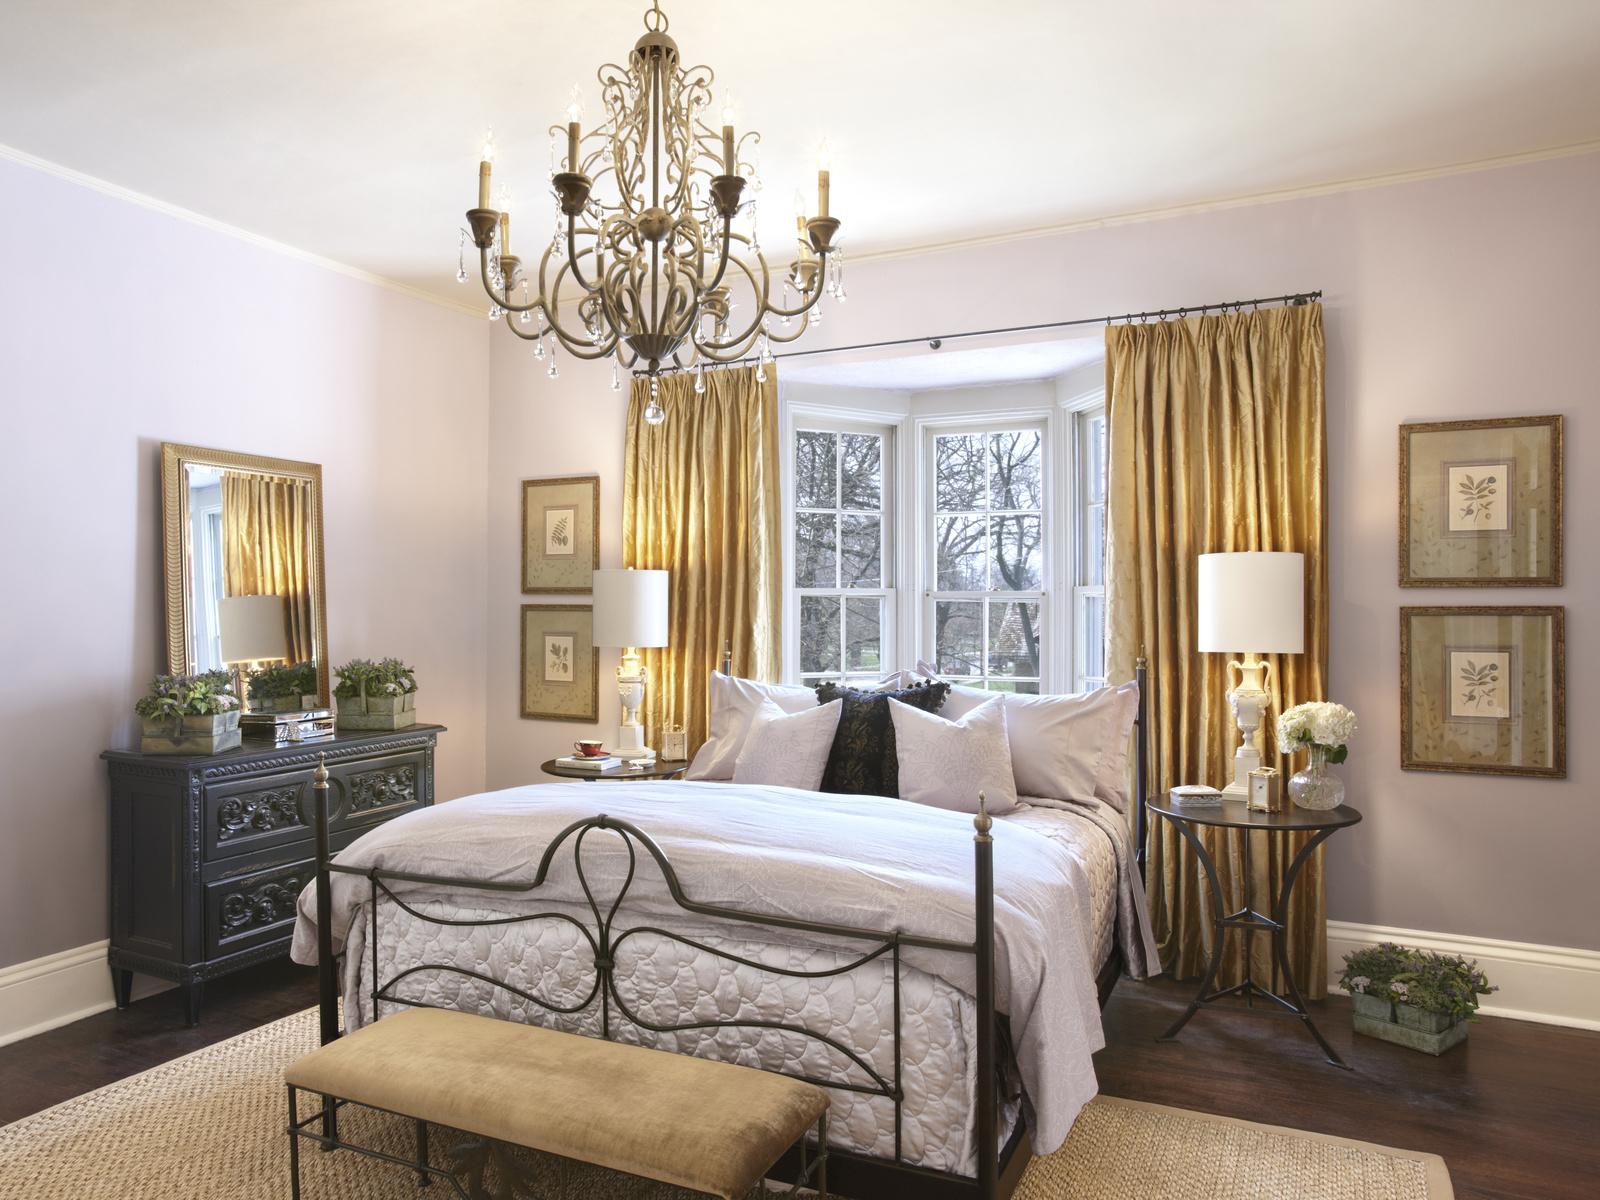 Кованая люстра в интерьере спальни